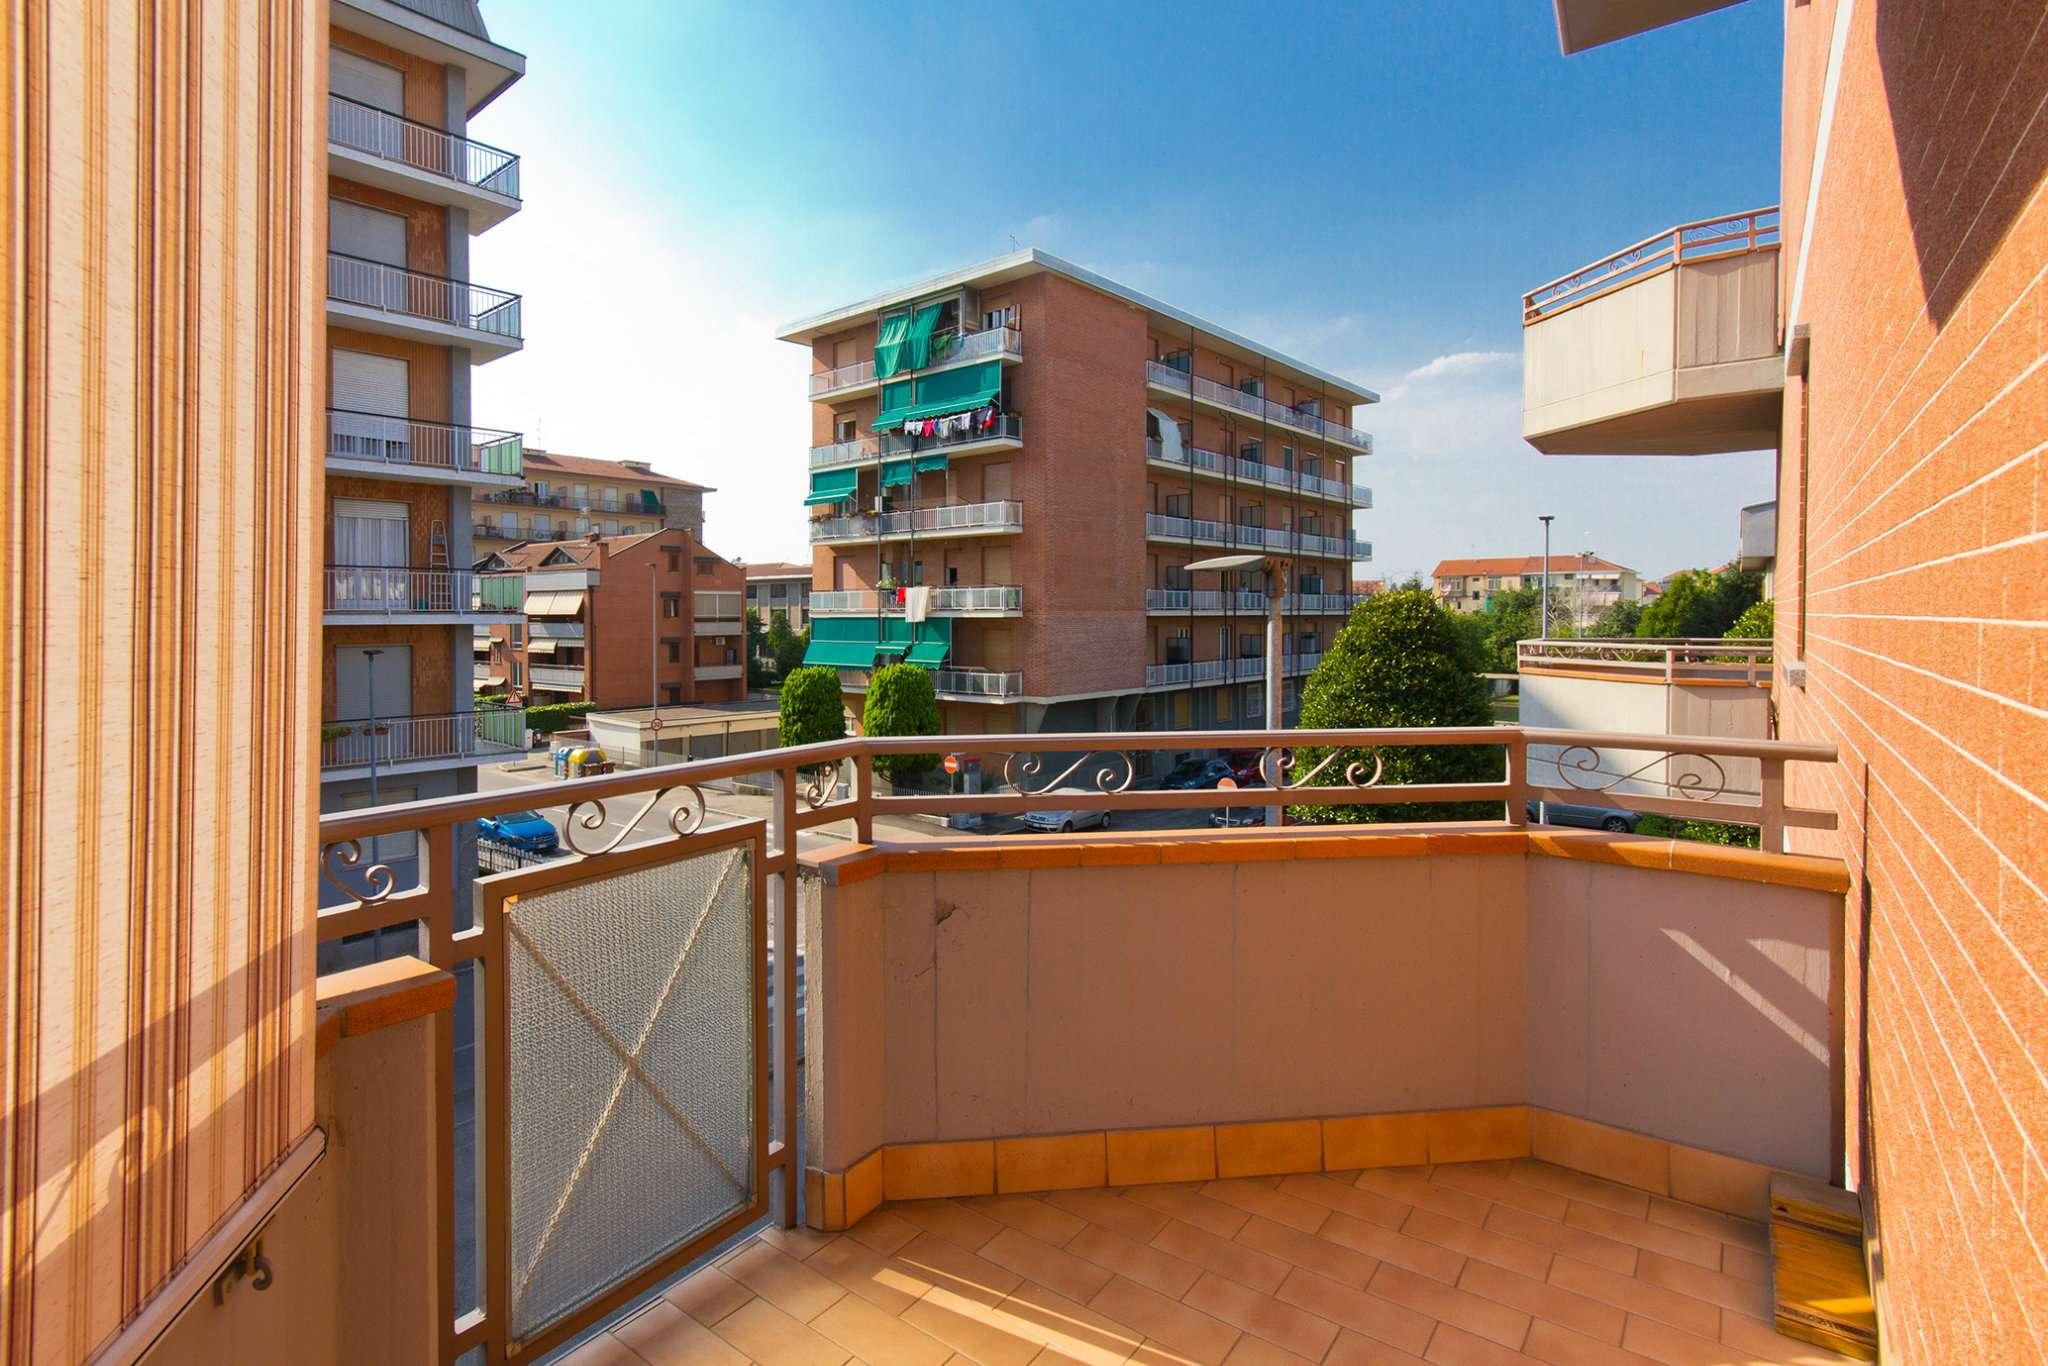 Appartamento in Vendita a Nichelino Semicentro: 4 locali, 112 mq